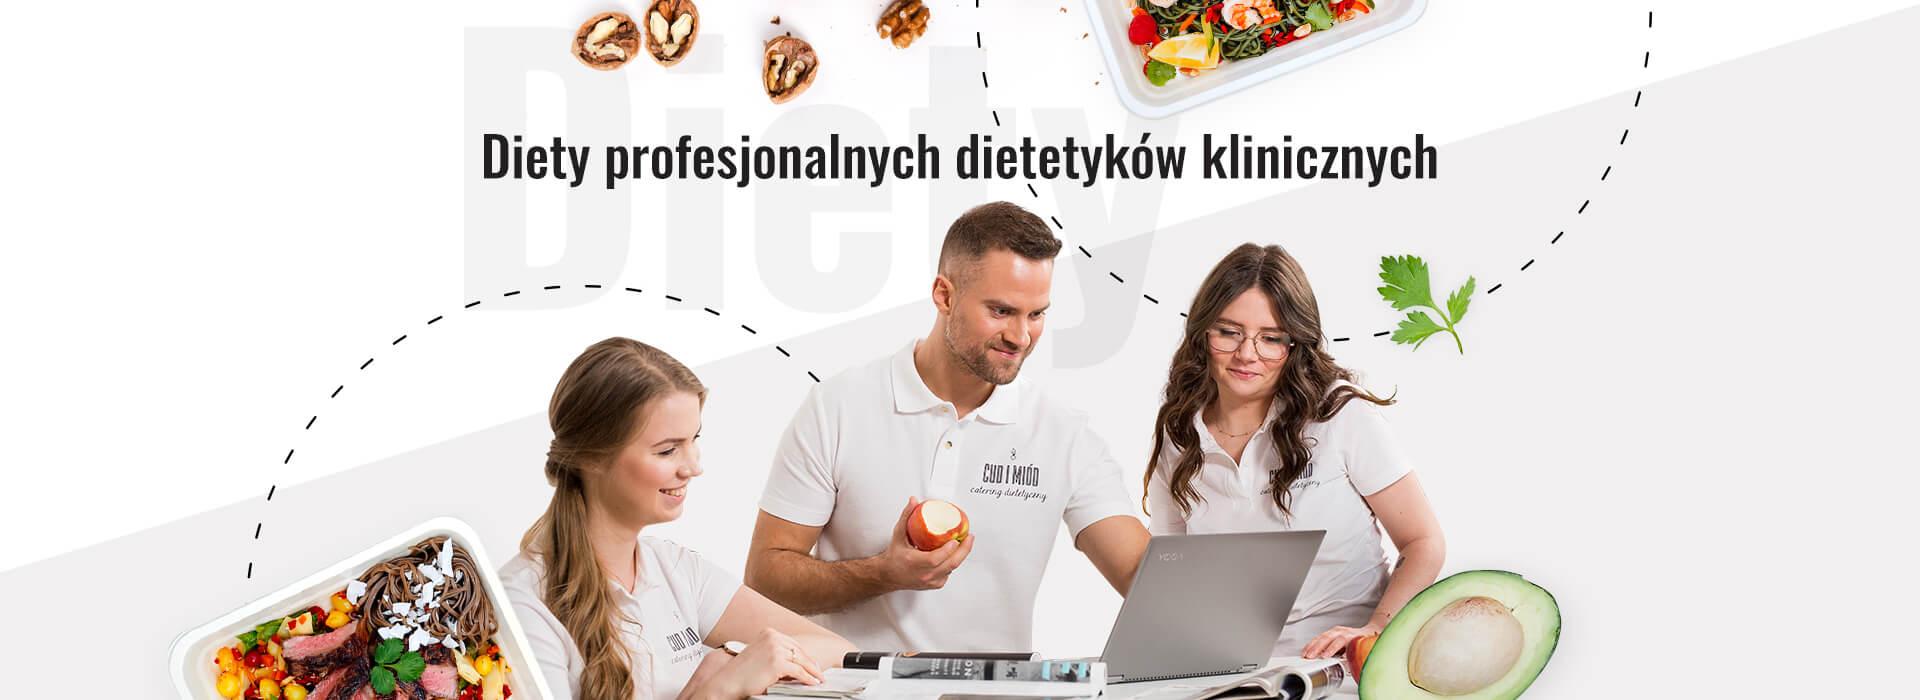 Cud i Miód - Diety profesjonalnych dietetyków